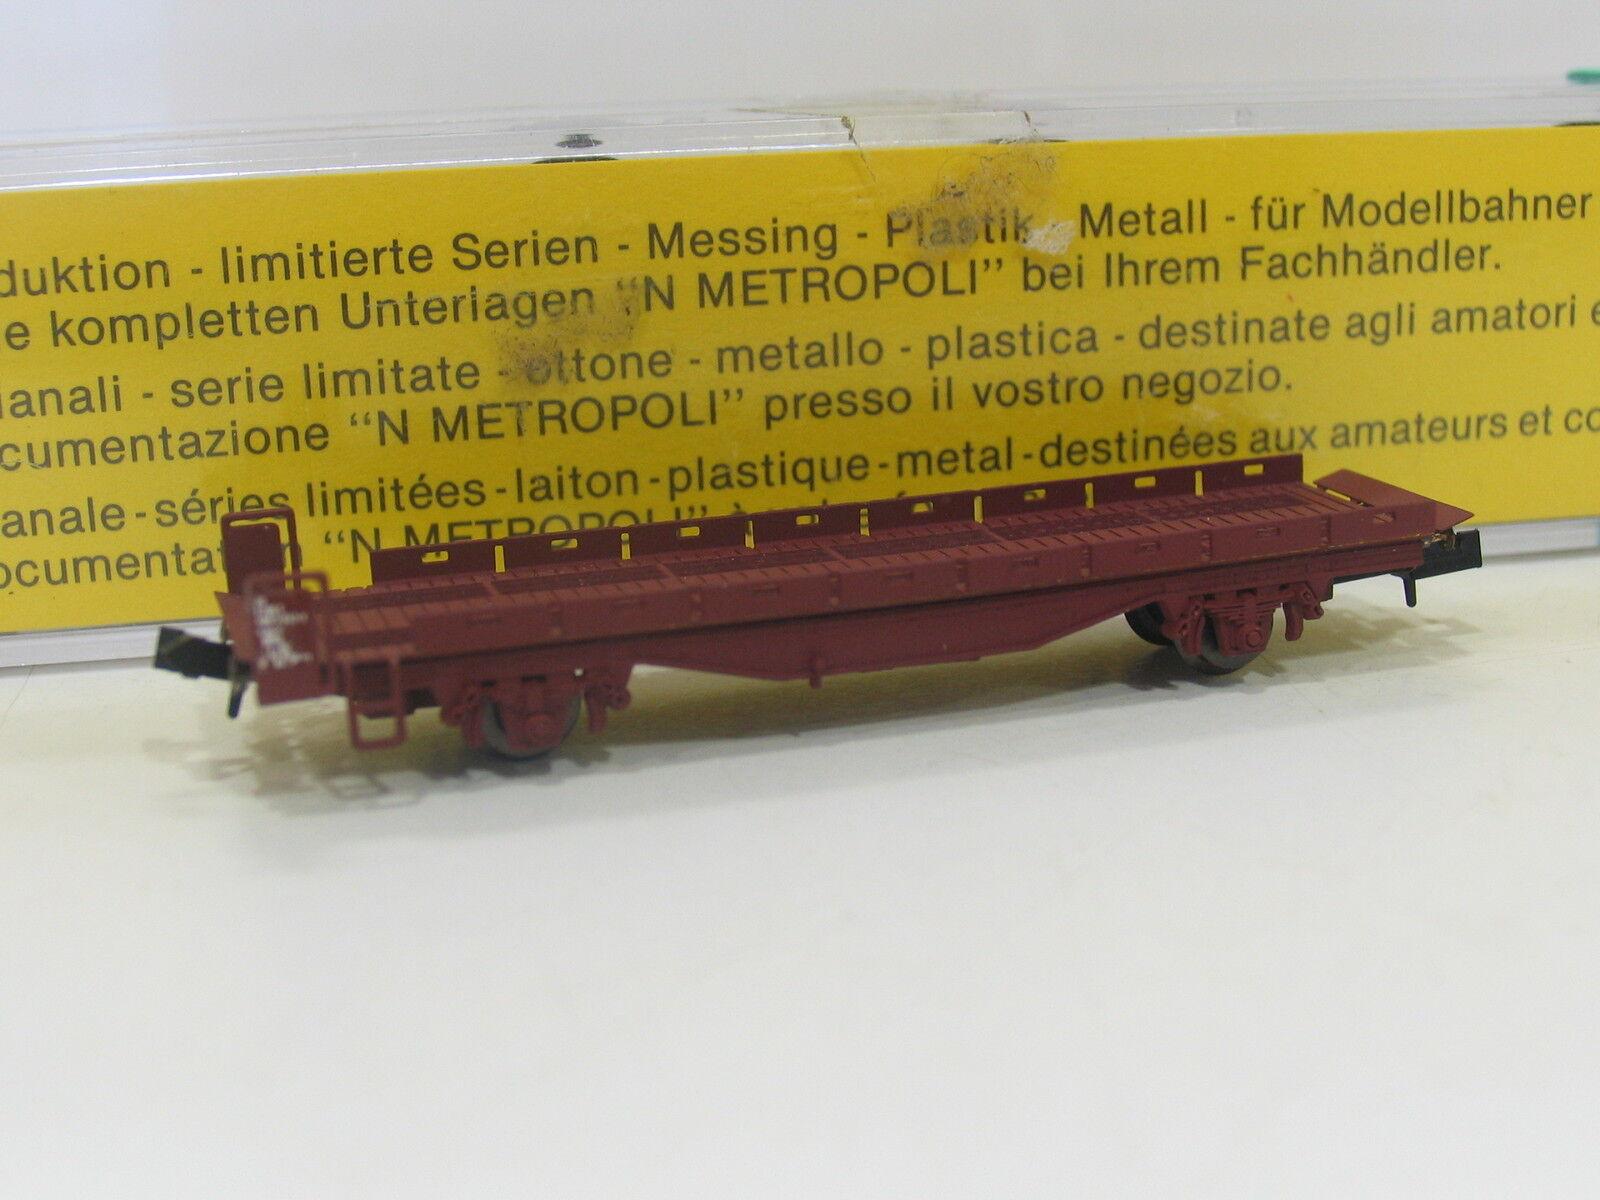 METROPOLITAN 4110 SPUR N  AUTOVERLADEWAGEN AUFFAHRWAGEN der BLS  SC109 Modeltreinen